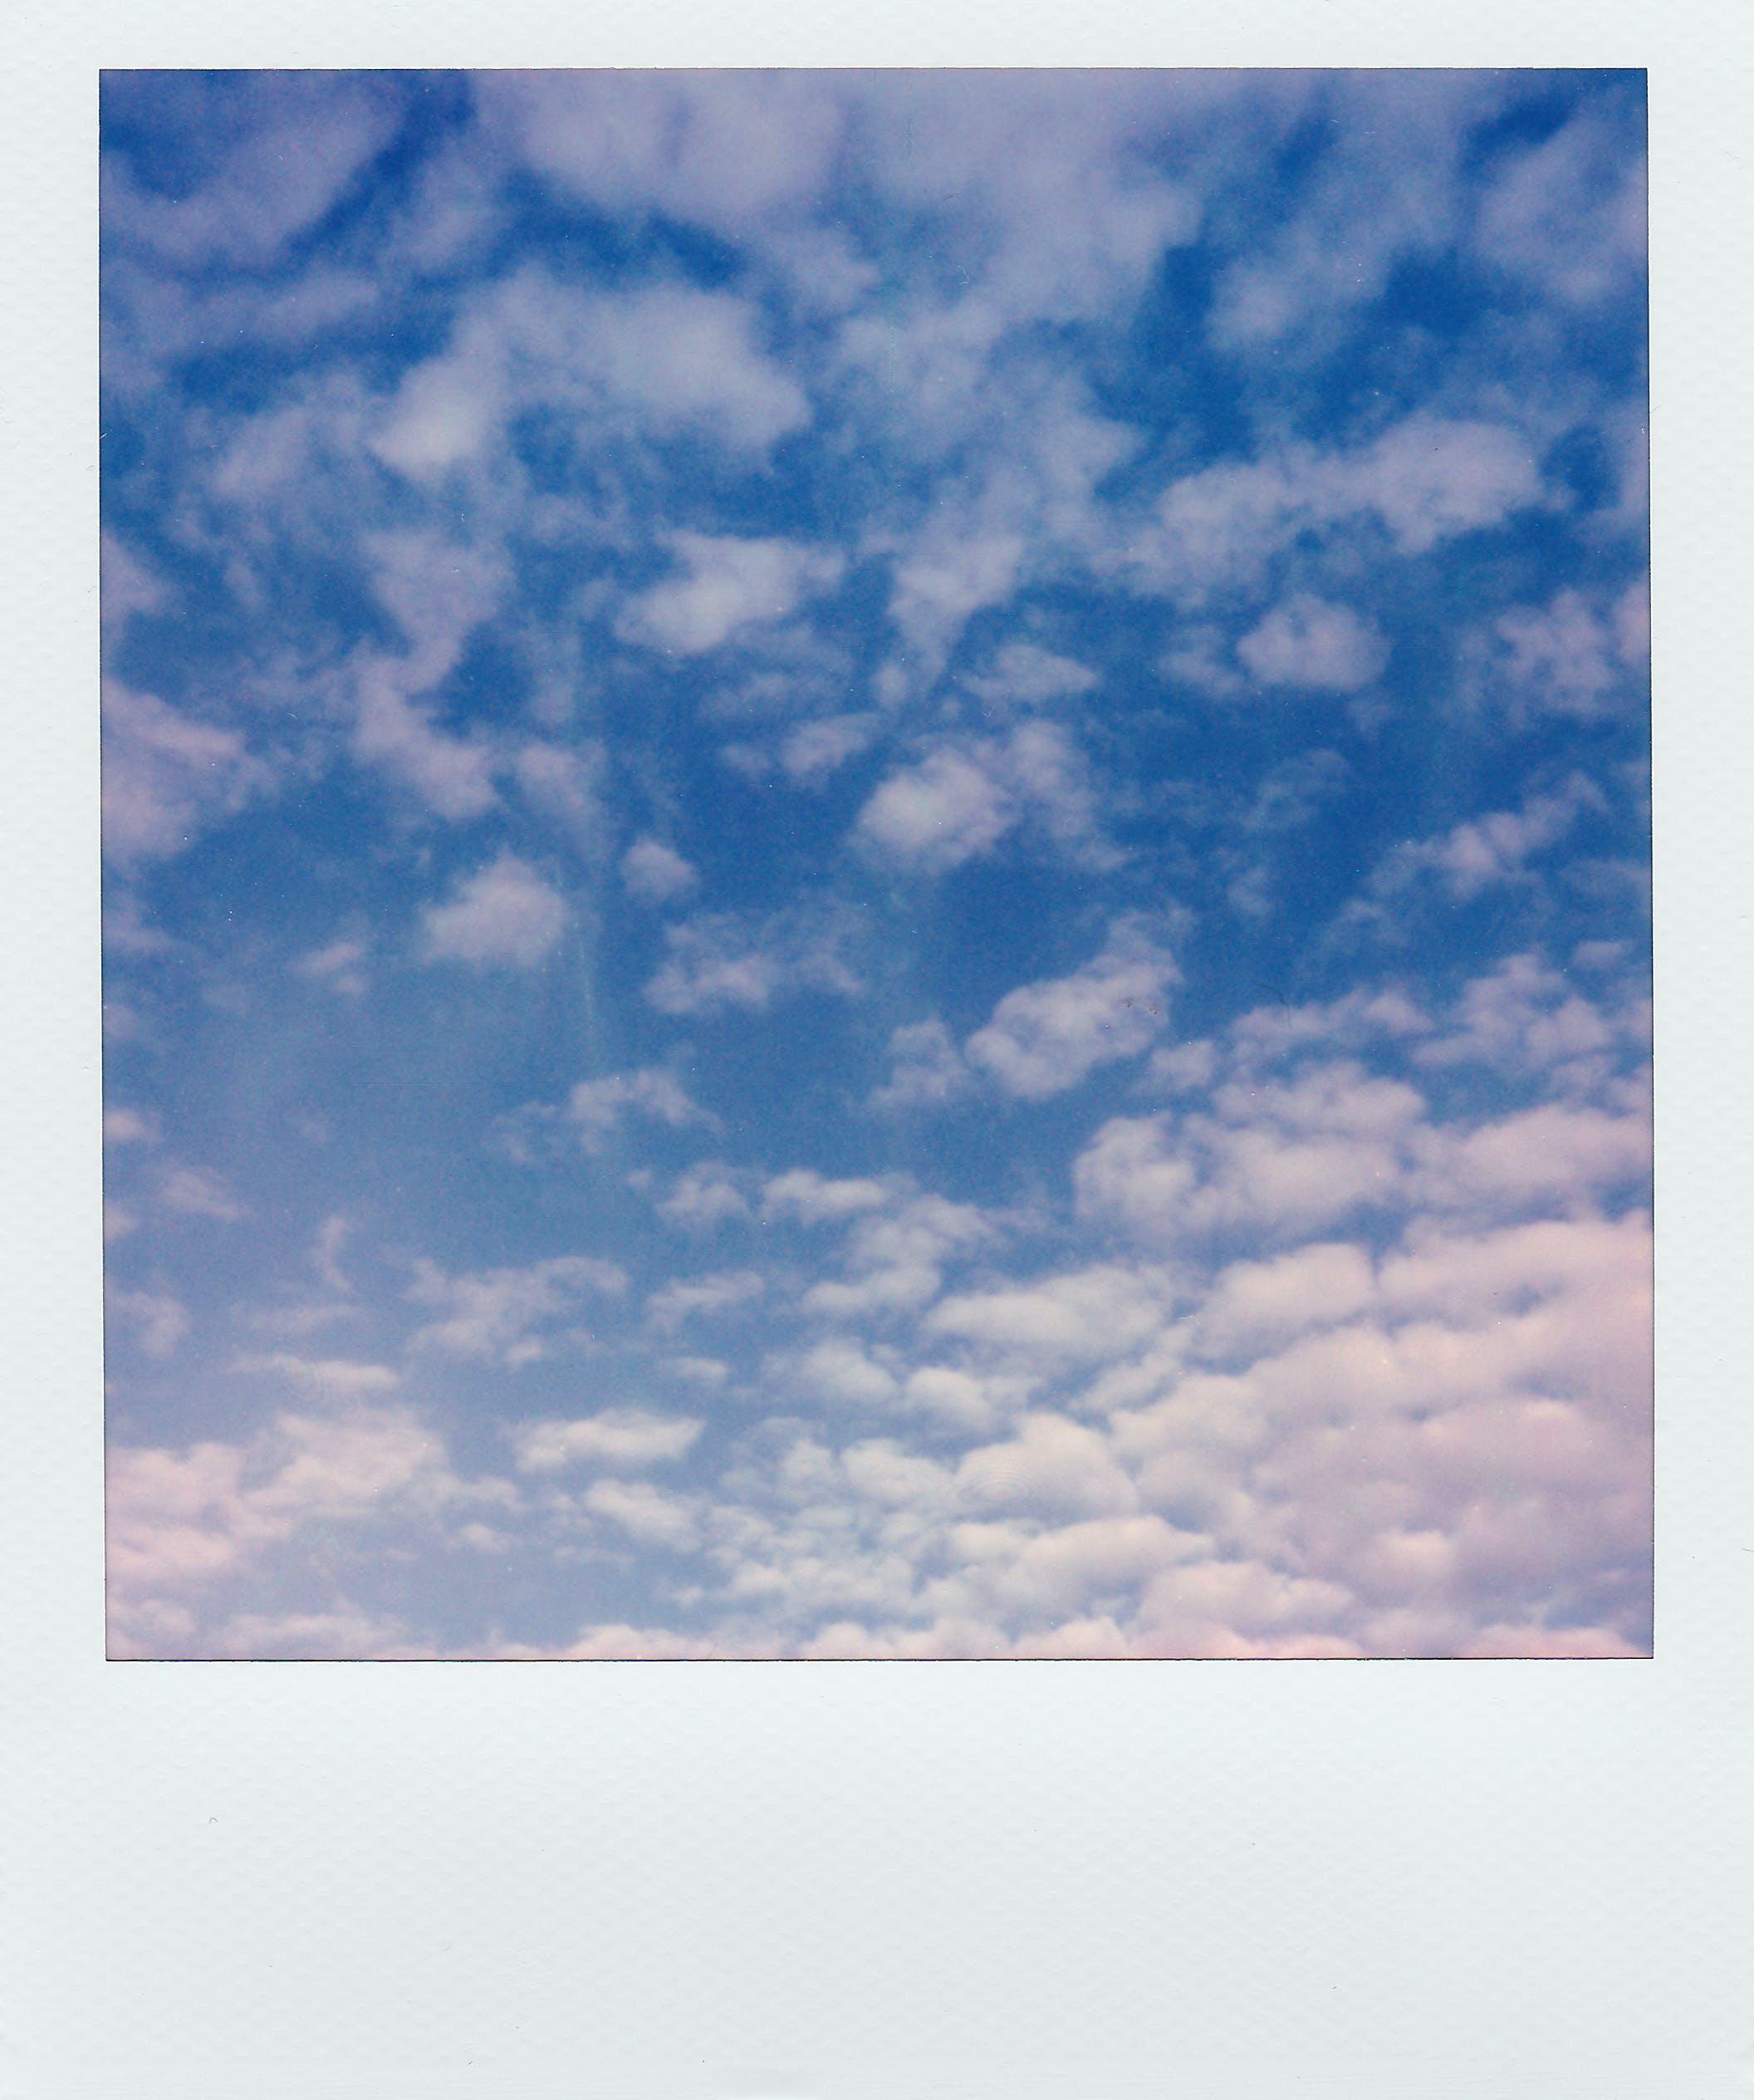 atmosfer, bulutlar, bulutlu, bulutluluk içeren Ücretsiz stok fotoğraf